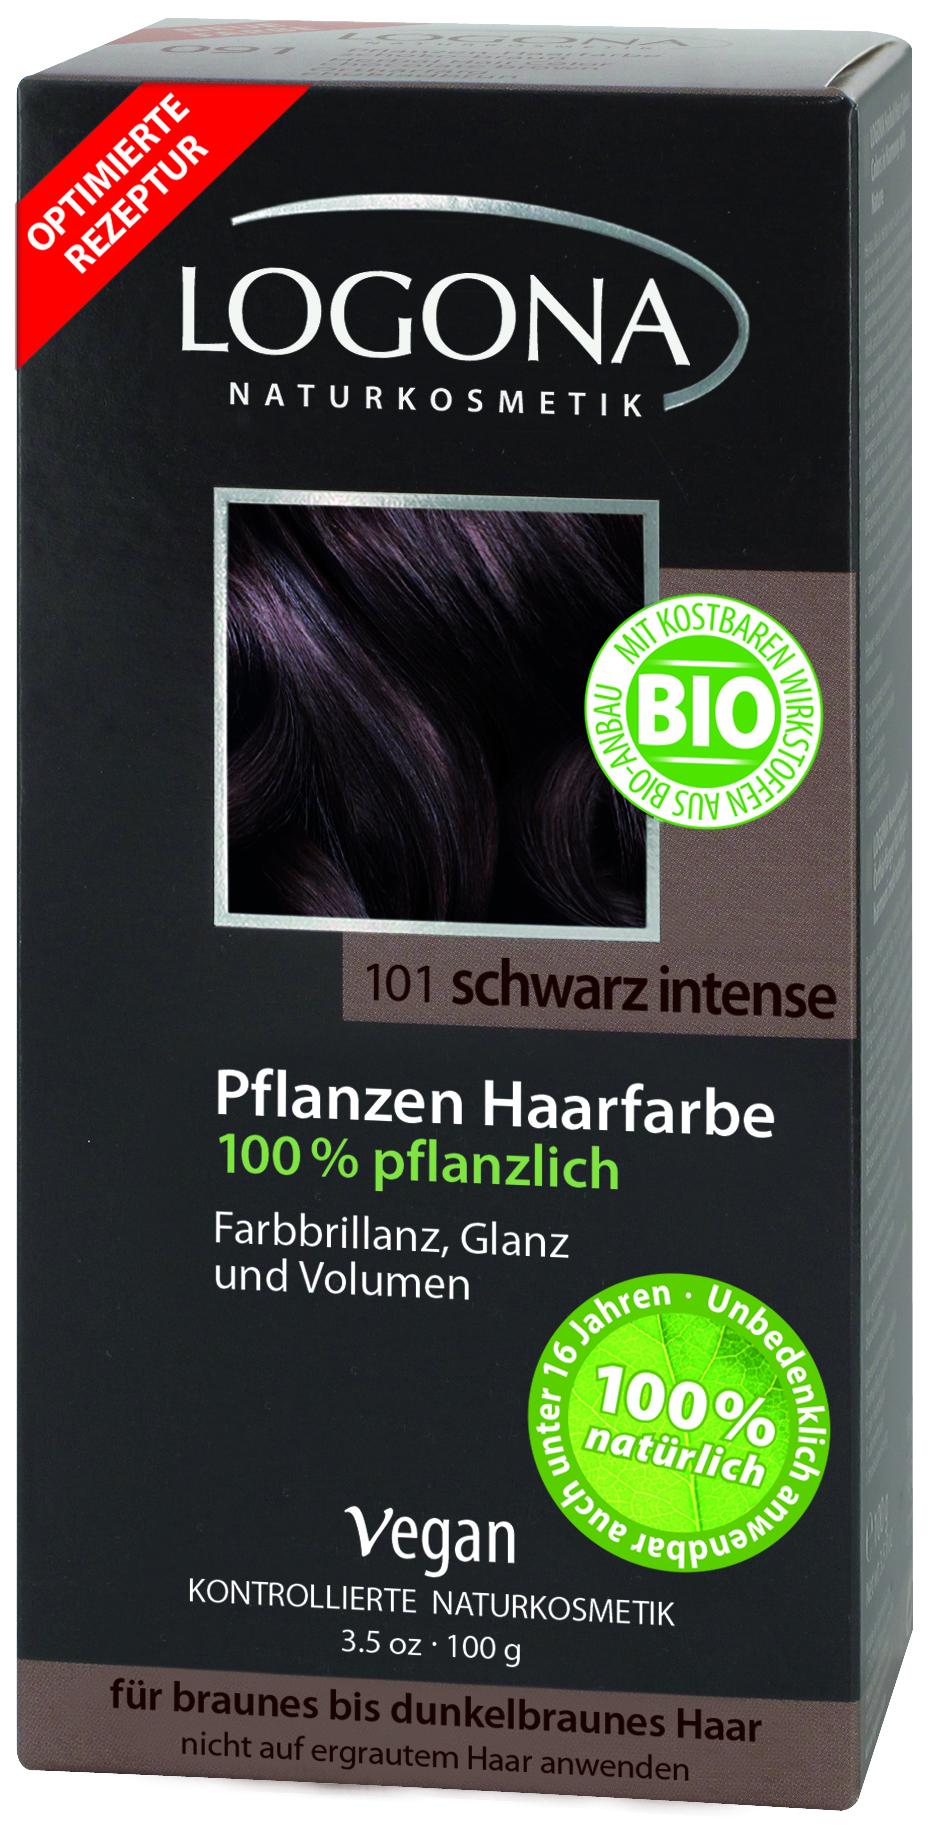 Logona растительная краска для волос 101 «Насыщенно-черный» 100 грSatin Hair 7 BR730MNОттенок «Насыщенно-черный» подходит для каштановых и темно-каштановых волос. Растительные краски для волос Logona действуют бережно и дают длительный эффект. Состав из хны и других красящих растений, а также веществ растительного происхождения для ухода за волосами естественным образом укрепляют волосы и придают им больше объема и яркости.